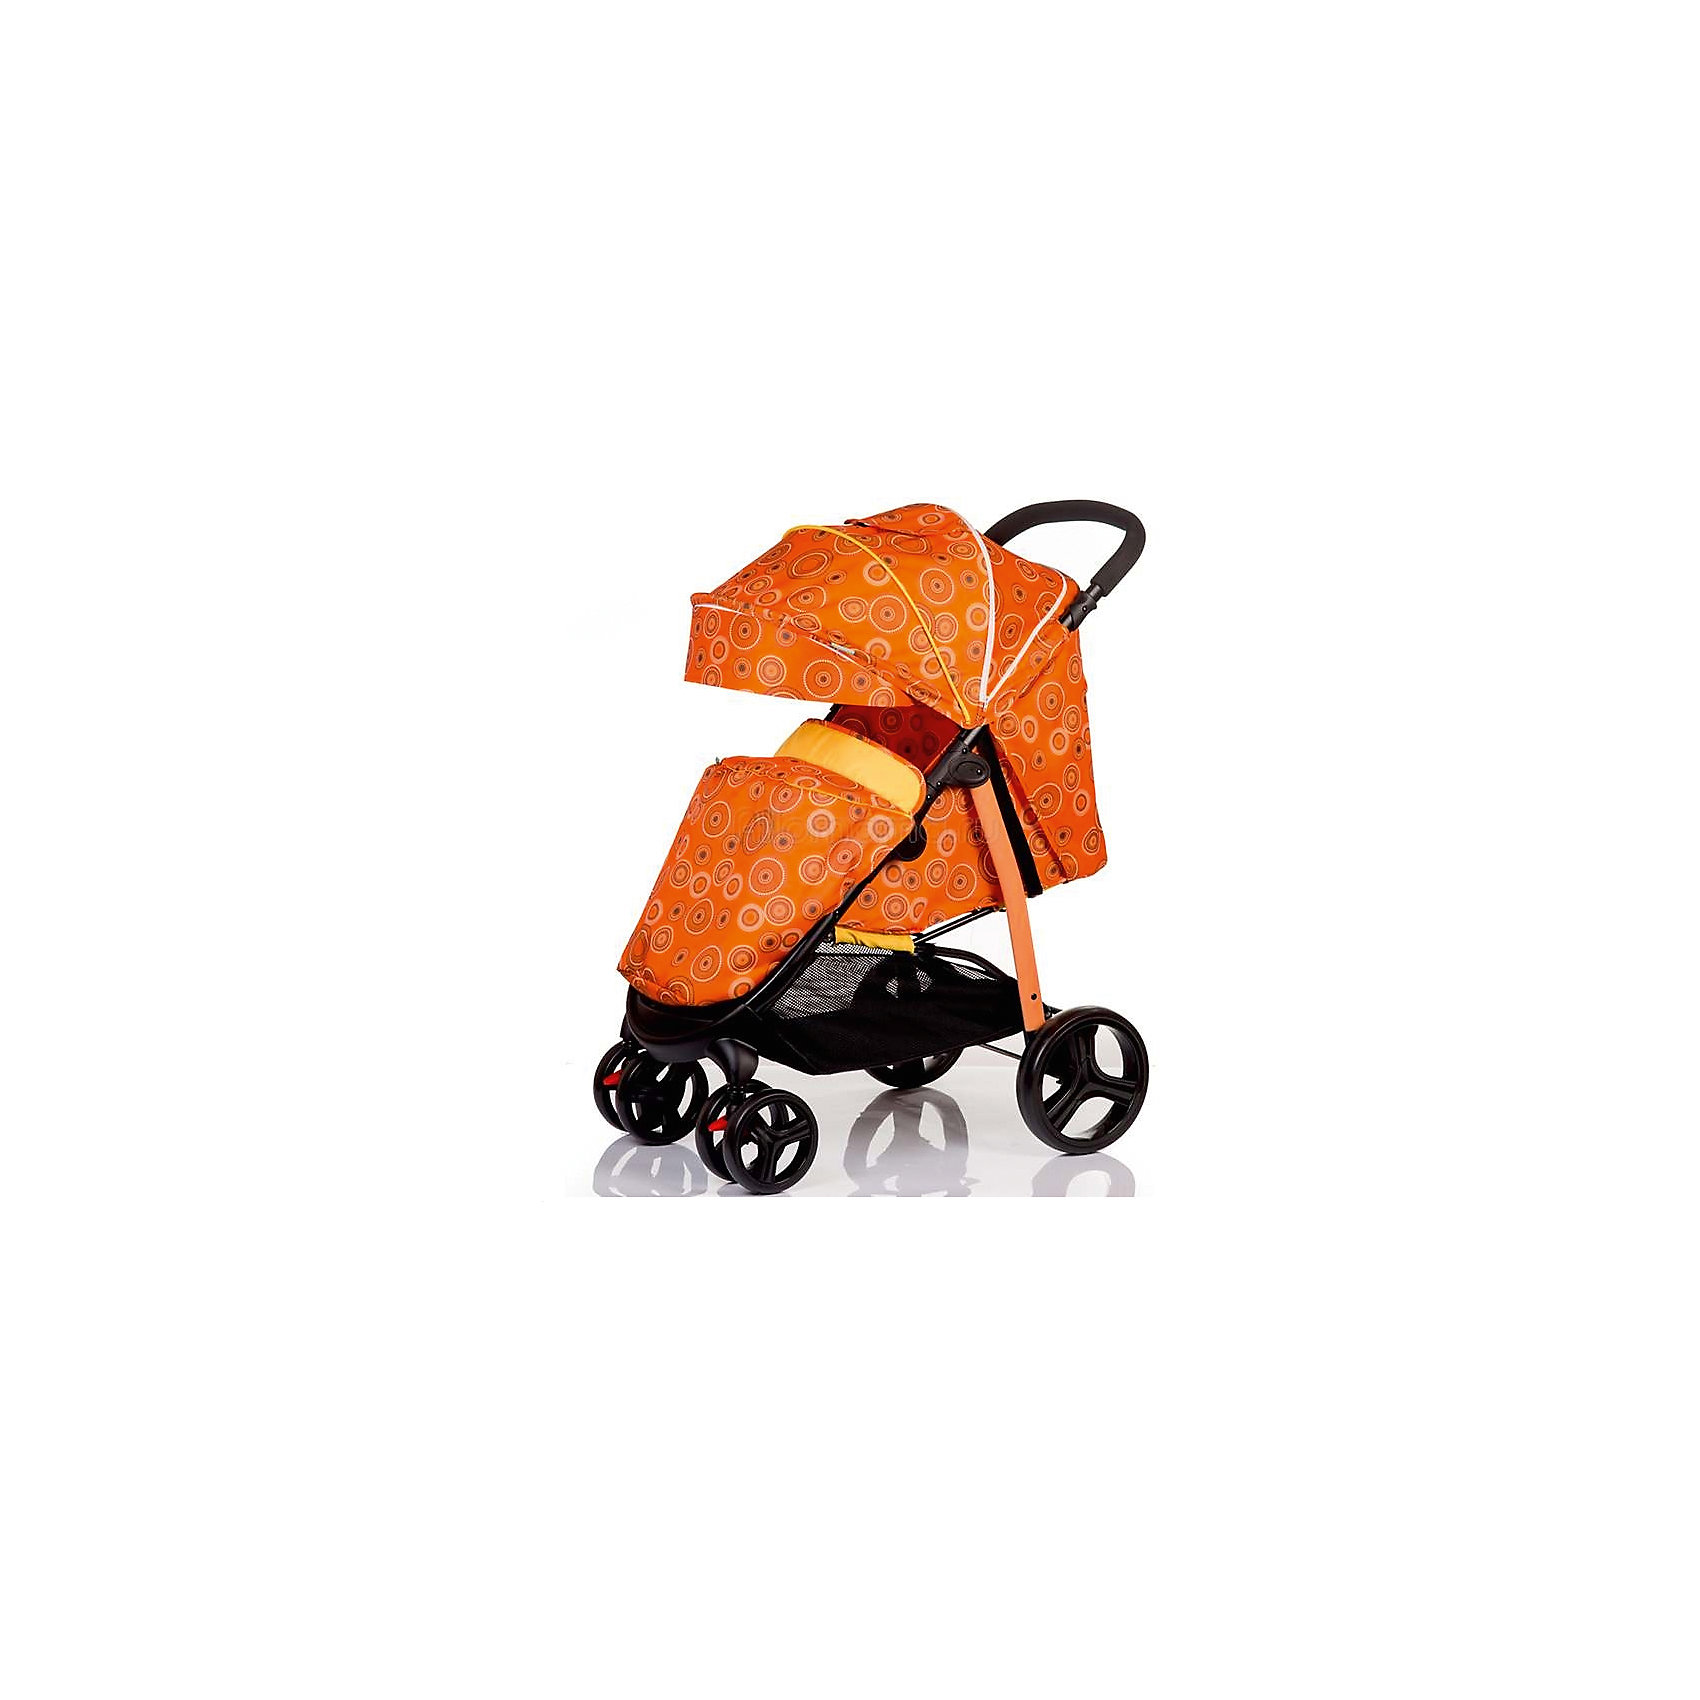 Прогулочная коляска BabyHit Racy Cirles, оранжевыйПрогулочные коляски<br>Характеристики коляски<br><br>Прогулочный блок:<br><br>• горизонтальное положение спинки, угол наклона 170 градусов;<br>• подножка регулируется и удлиняет спальное место;<br>• имеется анатомический вкладыш с мягким подголовником;<br>• 5-ти точечные ремни безопасности;<br>• съемный защитный бампер с паховым ограничителем;<br>• капюшон-батискаф, опускается до бамера;<br>• калюшон оснащен солнцезащитным козырьком, смотровым окошком под клапаном и кармашком на липучке;<br>• пластиковая подножка для подросшего малыша;<br>• в комплект входит чехол на ножки и москитная сетка;<br>• материал: пластик, полиэстер;<br>• длина спального места: 75 см;<br>• ширина сиденья: 34 см<br>• высота спинки: 40 см;<br>• глубина сиденья: 22 см.<br><br>Рама коляски:<br><br>• коляска складывается вместе с прогулочным блоком по типу книжки;<br>• имеется корзина для покупок;<br>• плавающие передние колеса с фиксаторами;<br>• диаметр колес: 16,8 см, 24,8 см;<br>• материал колес: псевдорезина;<br>• материал рамы: алюминий.<br><br>Размер коляски: 85х58х105 см<br>Размер коляски в сложенном виде: 88х58х35 см<br>Вес коляски: 9,2 кг<br>Размер упаковки: 78х45х27 см<br>Вес в упаковке: 10 кг<br><br>Прогулочную коляску RACY, Babyhit, оранжевую можно купить в нашем интернет-магазине.<br><br>Ширина мм: 450<br>Глубина мм: 275<br>Высота мм: 780<br>Вес г: 10000<br>Возраст от месяцев: 6<br>Возраст до месяцев: 36<br>Пол: Унисекс<br>Возраст: Детский<br>SKU: 5585777